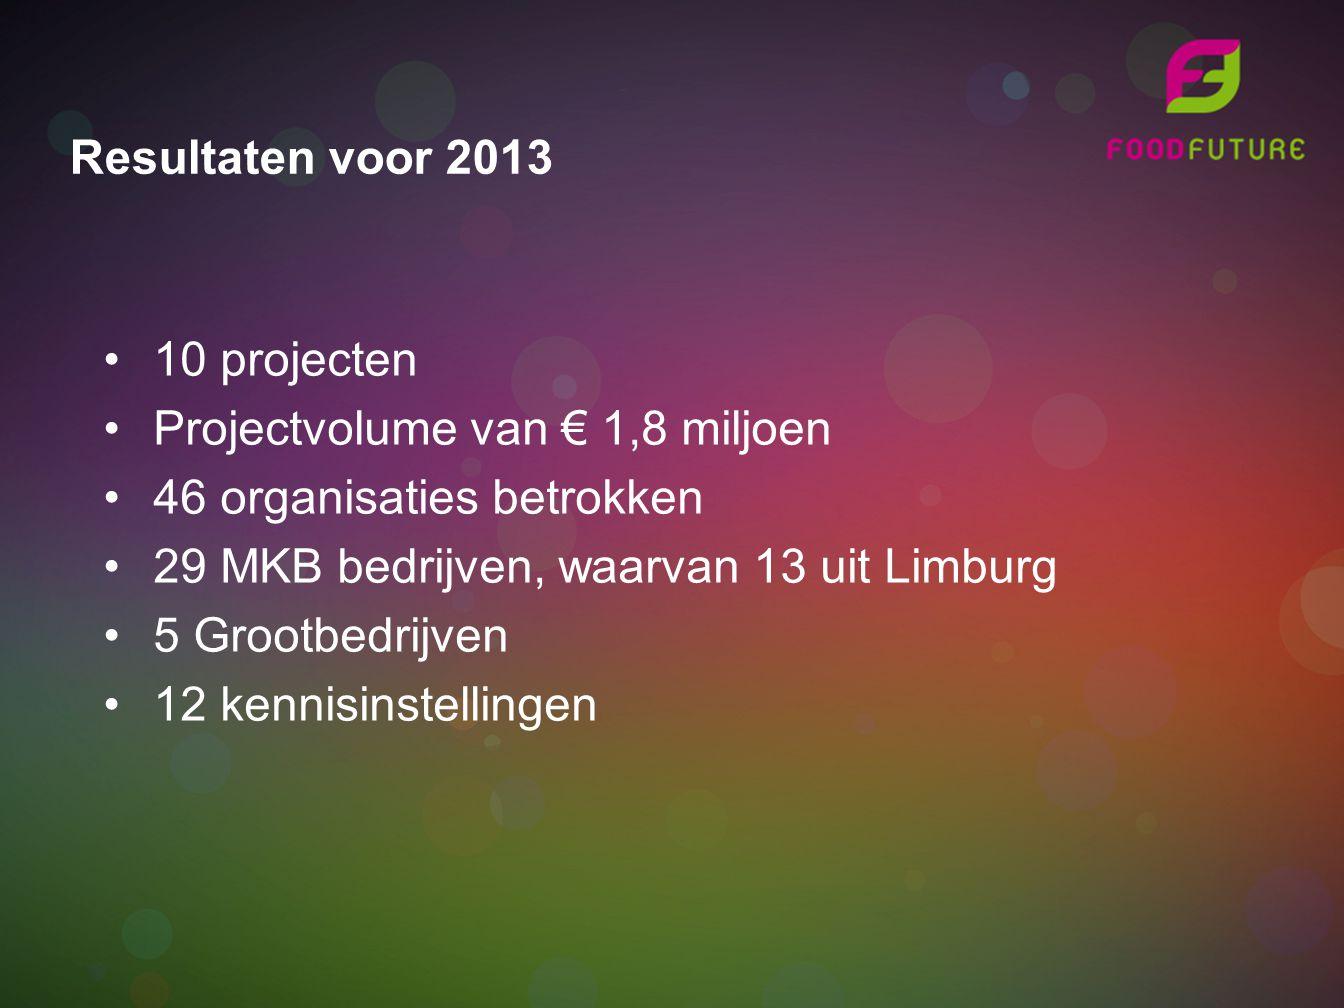 10 projecten Projectvolume van € 1,8 miljoen 46 organisaties betrokken 29 MKB bedrijven, waarvan 13 uit Limburg 5 Grootbedrijven 12 kennisinstellingen